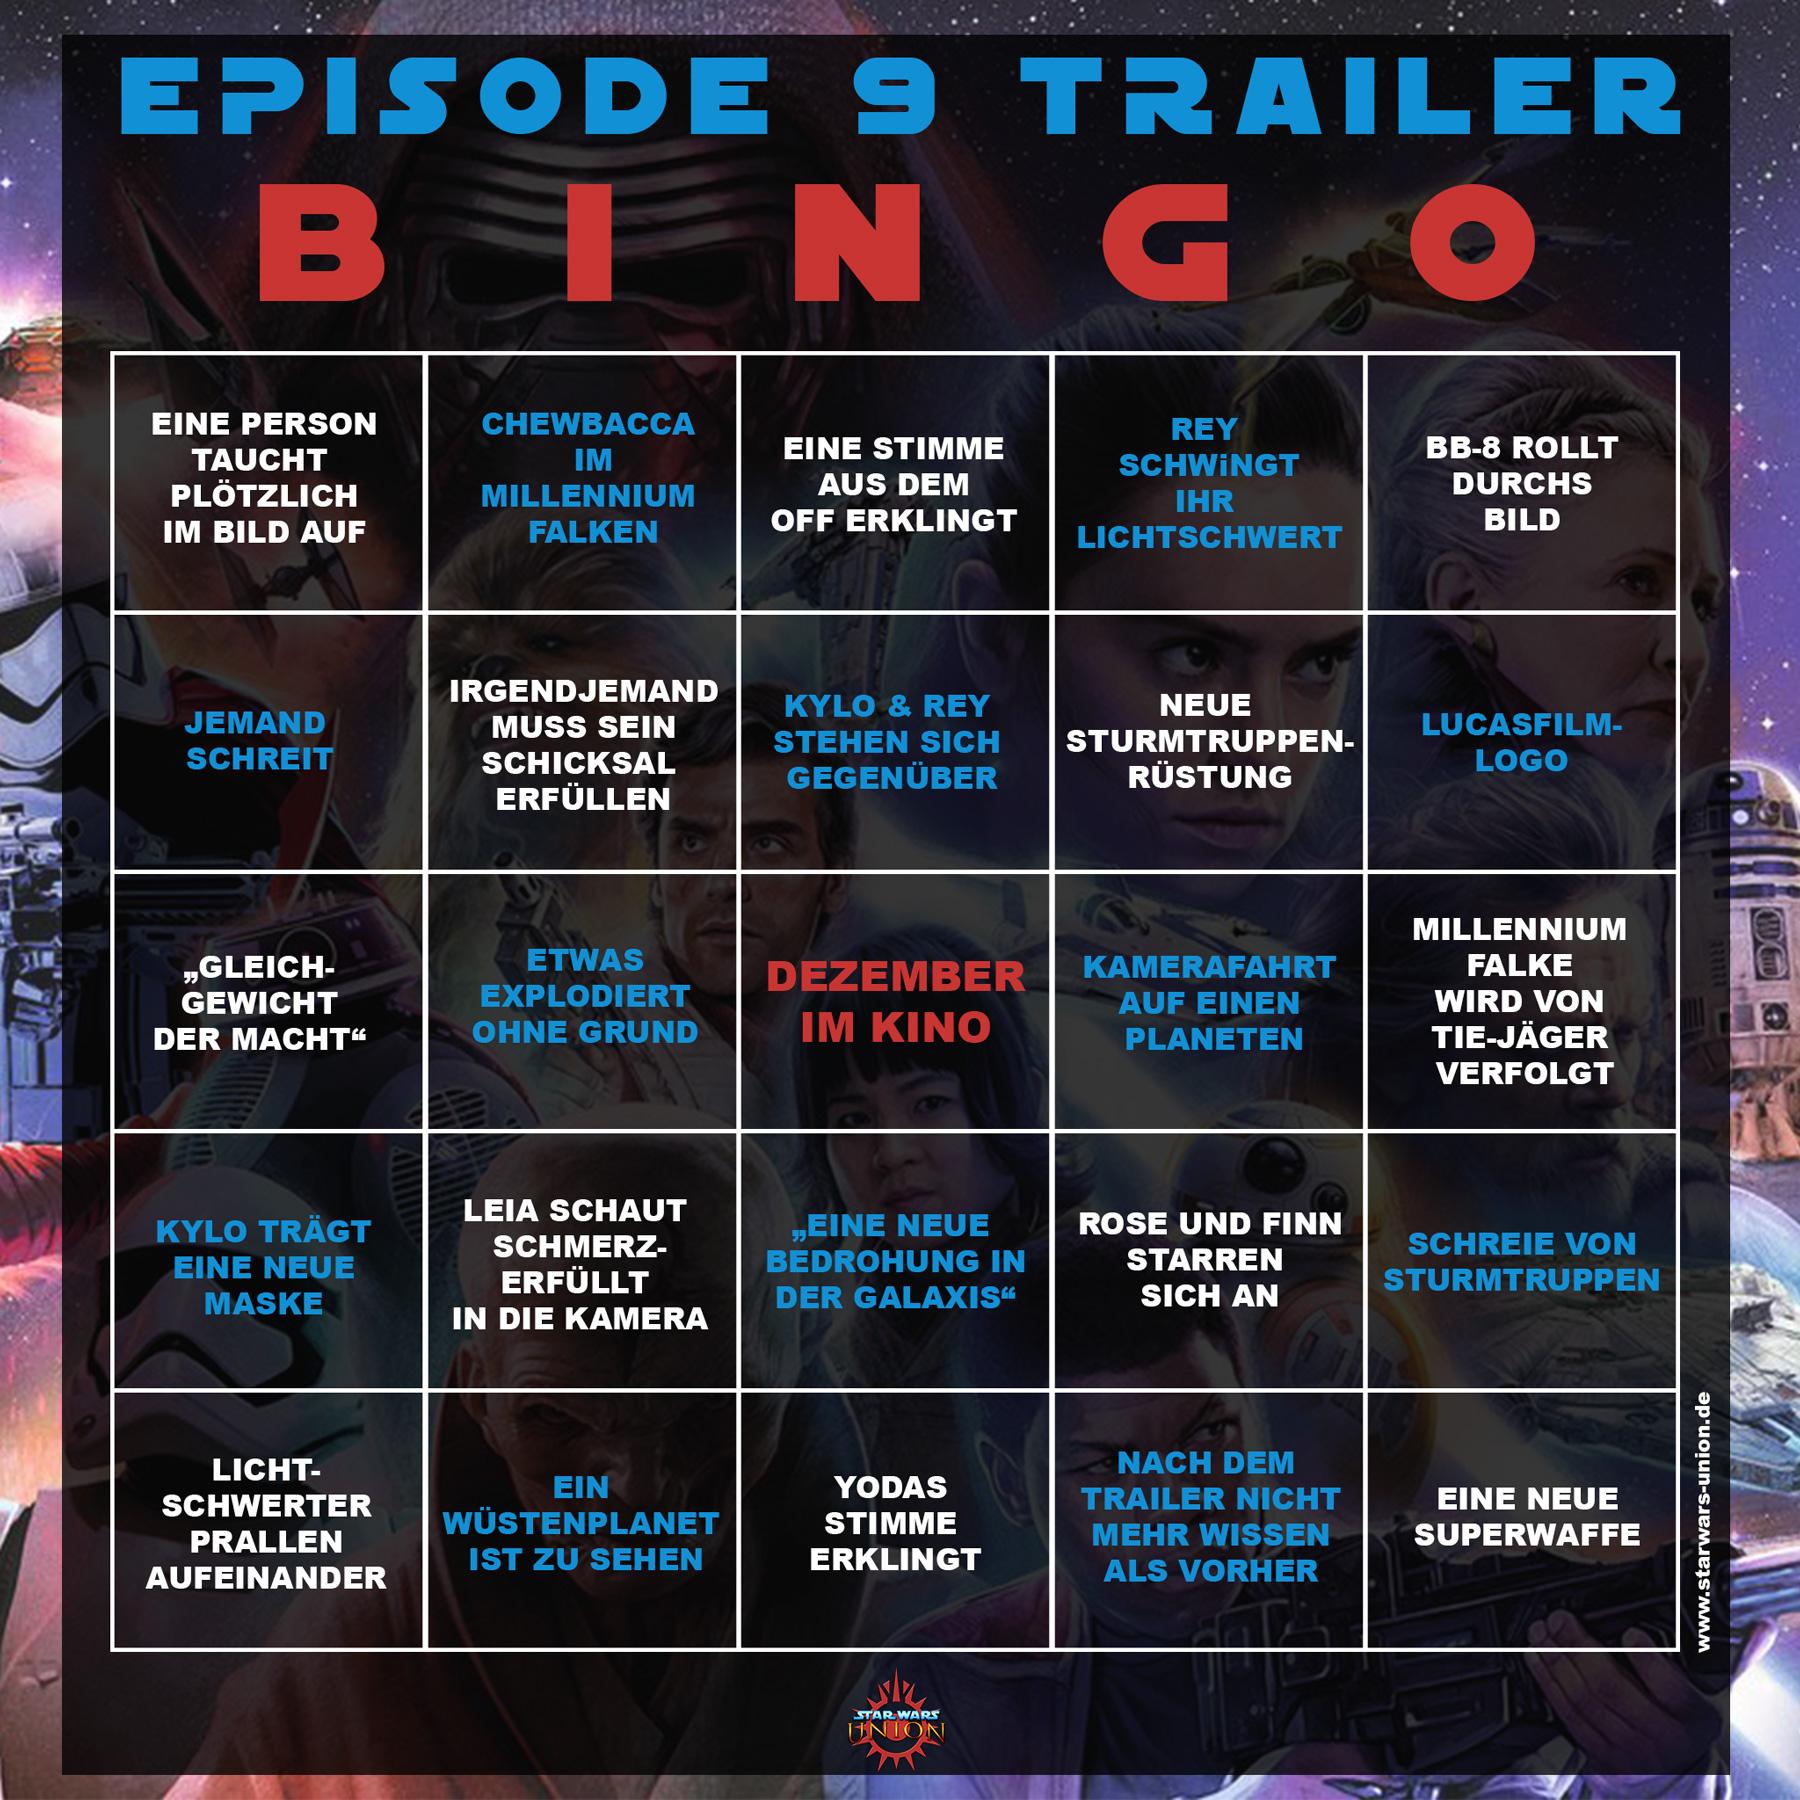 Unsere Episode-IX-Trailer-Bingo-Karte - Nachrichten - Star